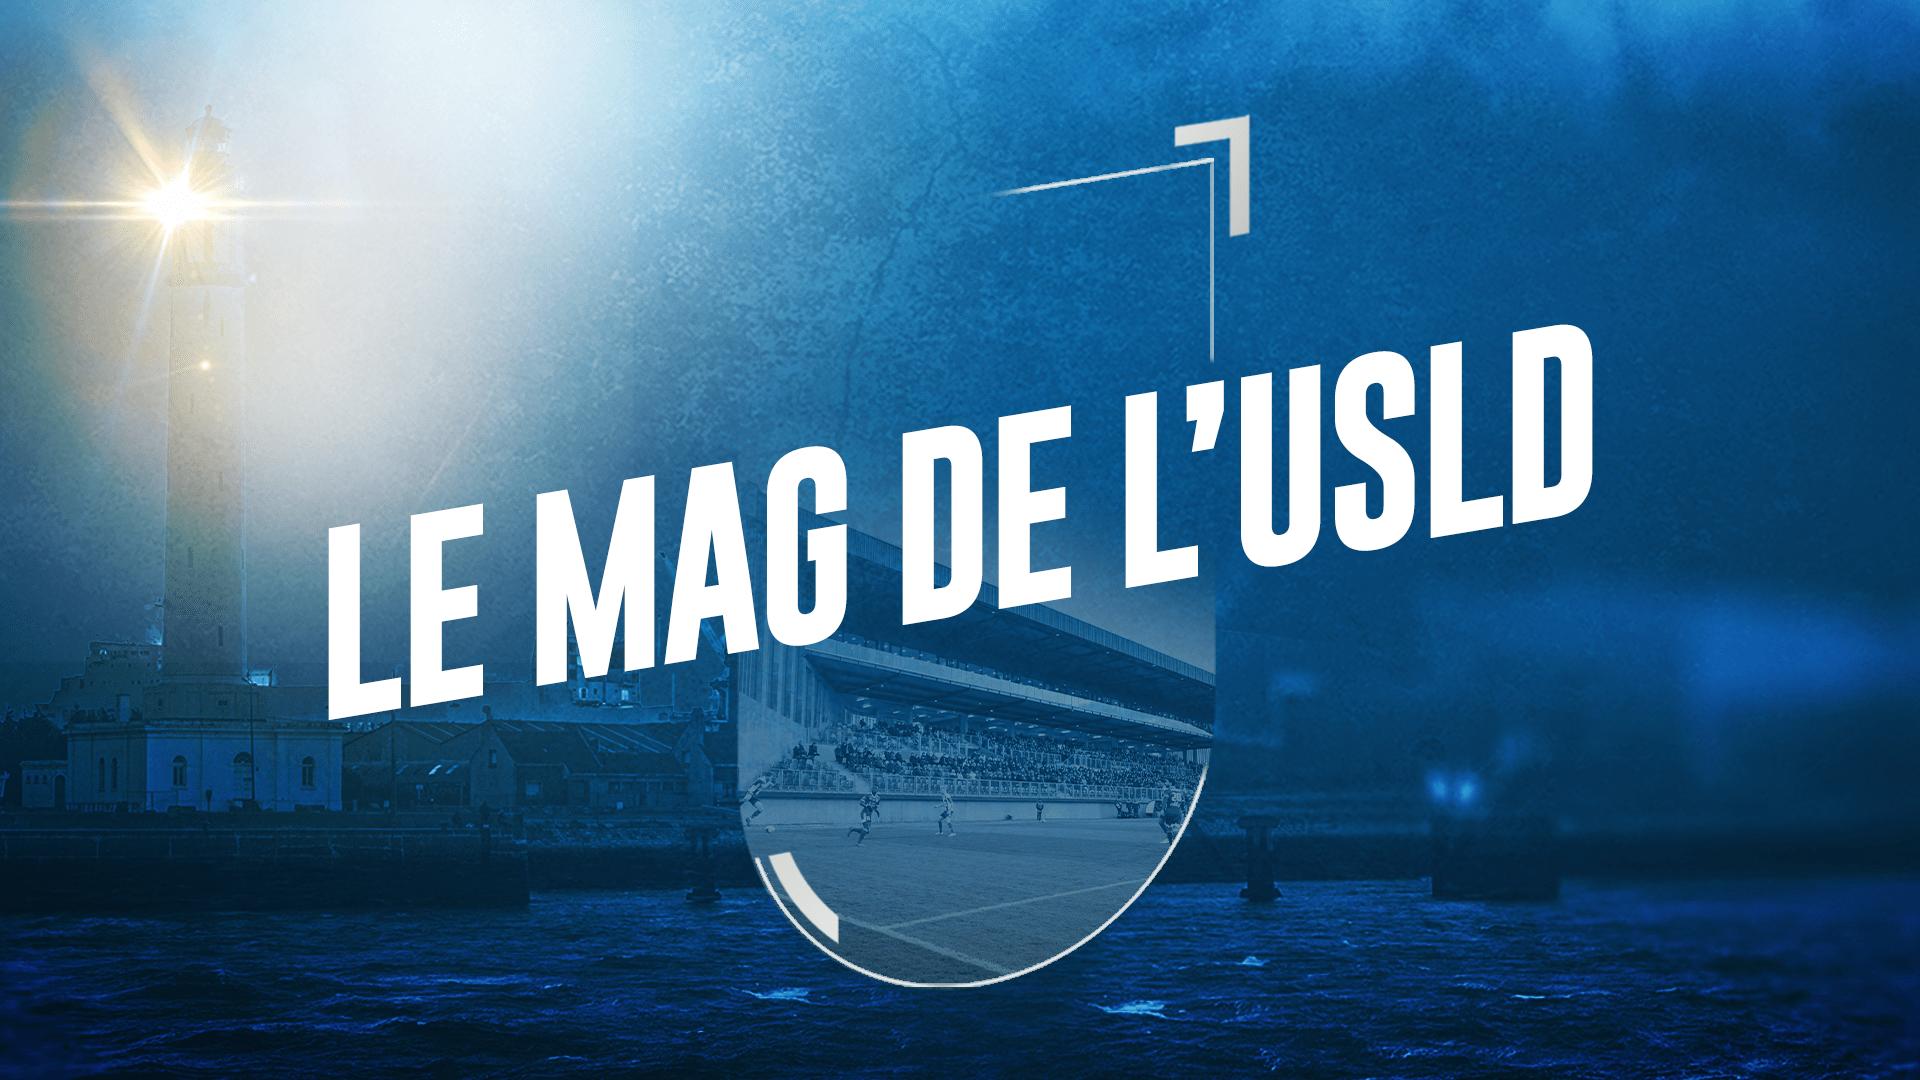 Le Mag USLD